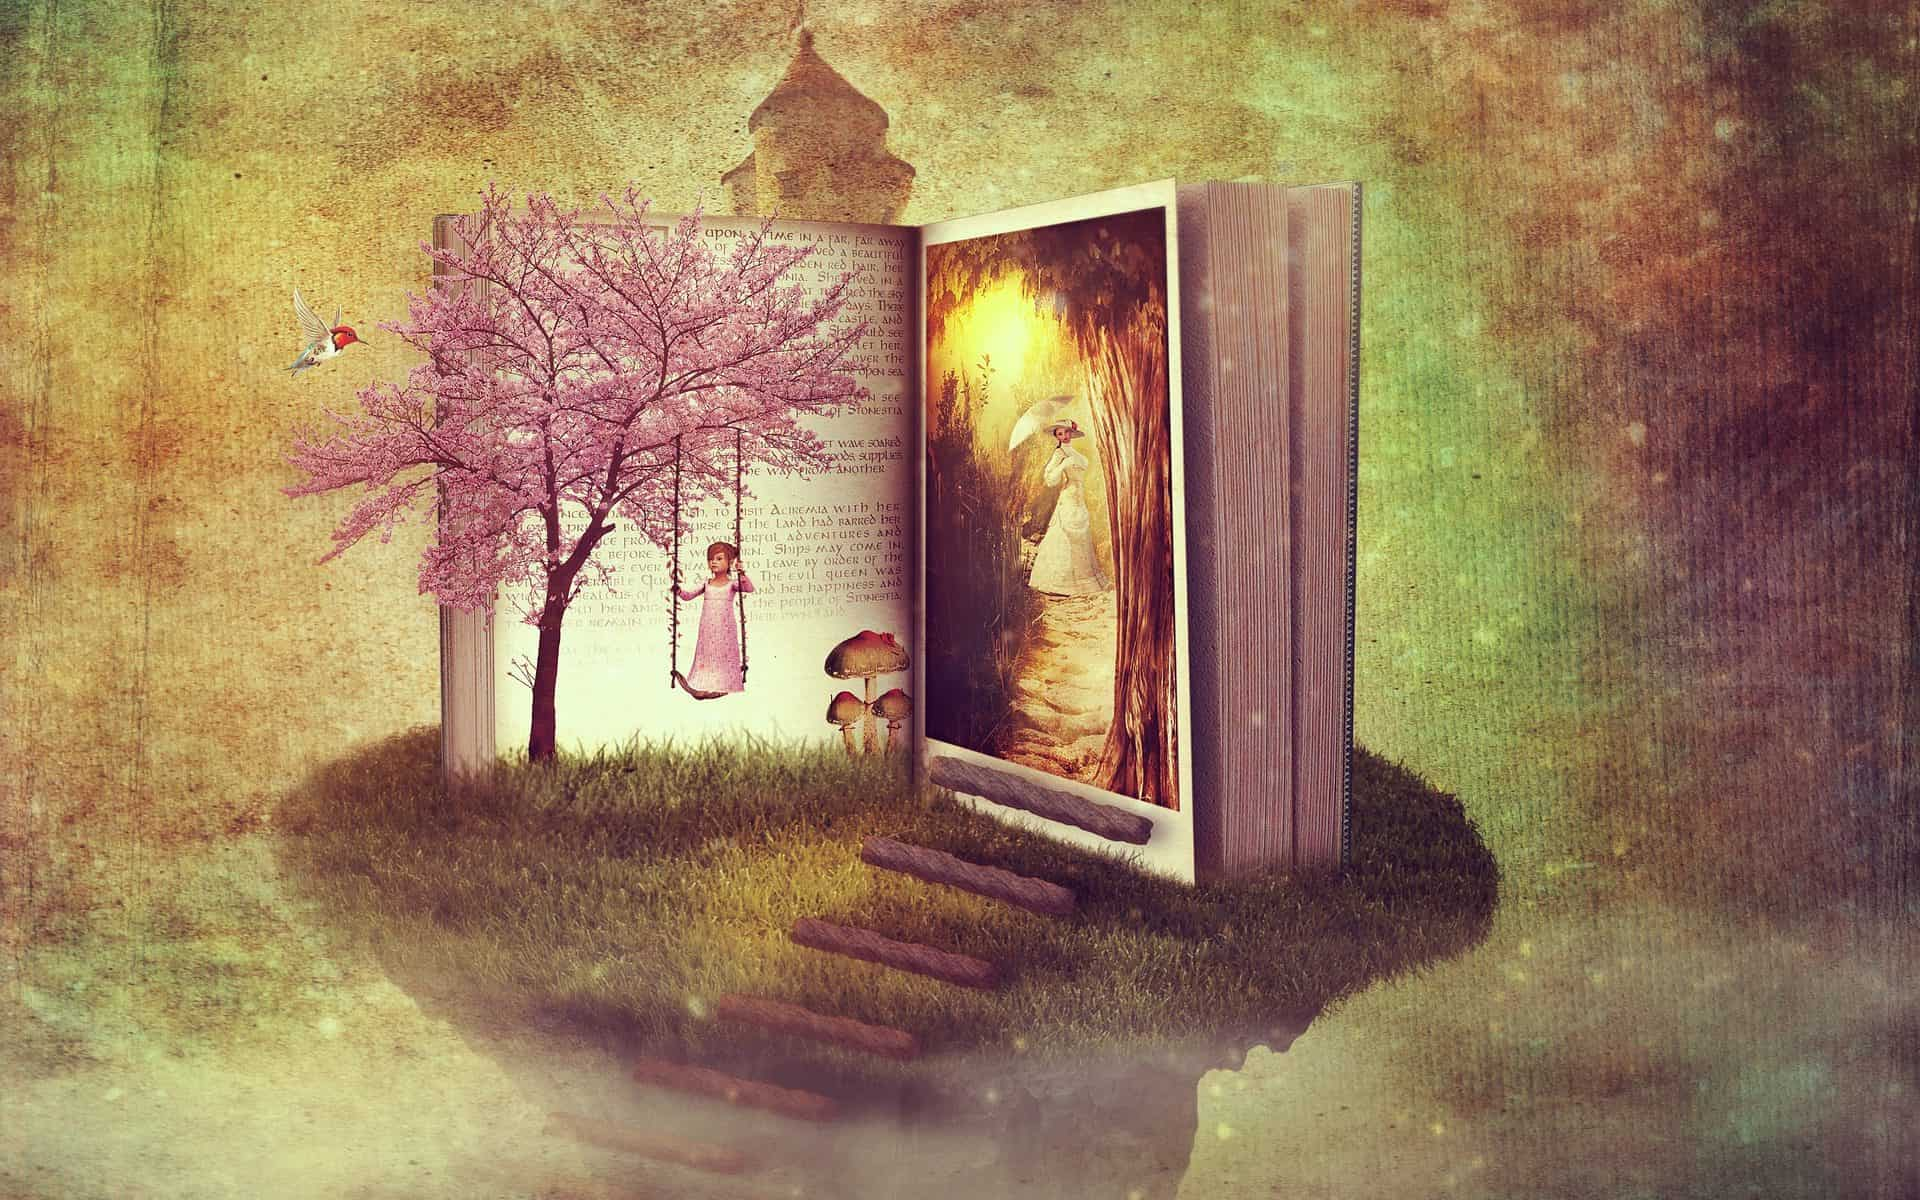 fantasy book image